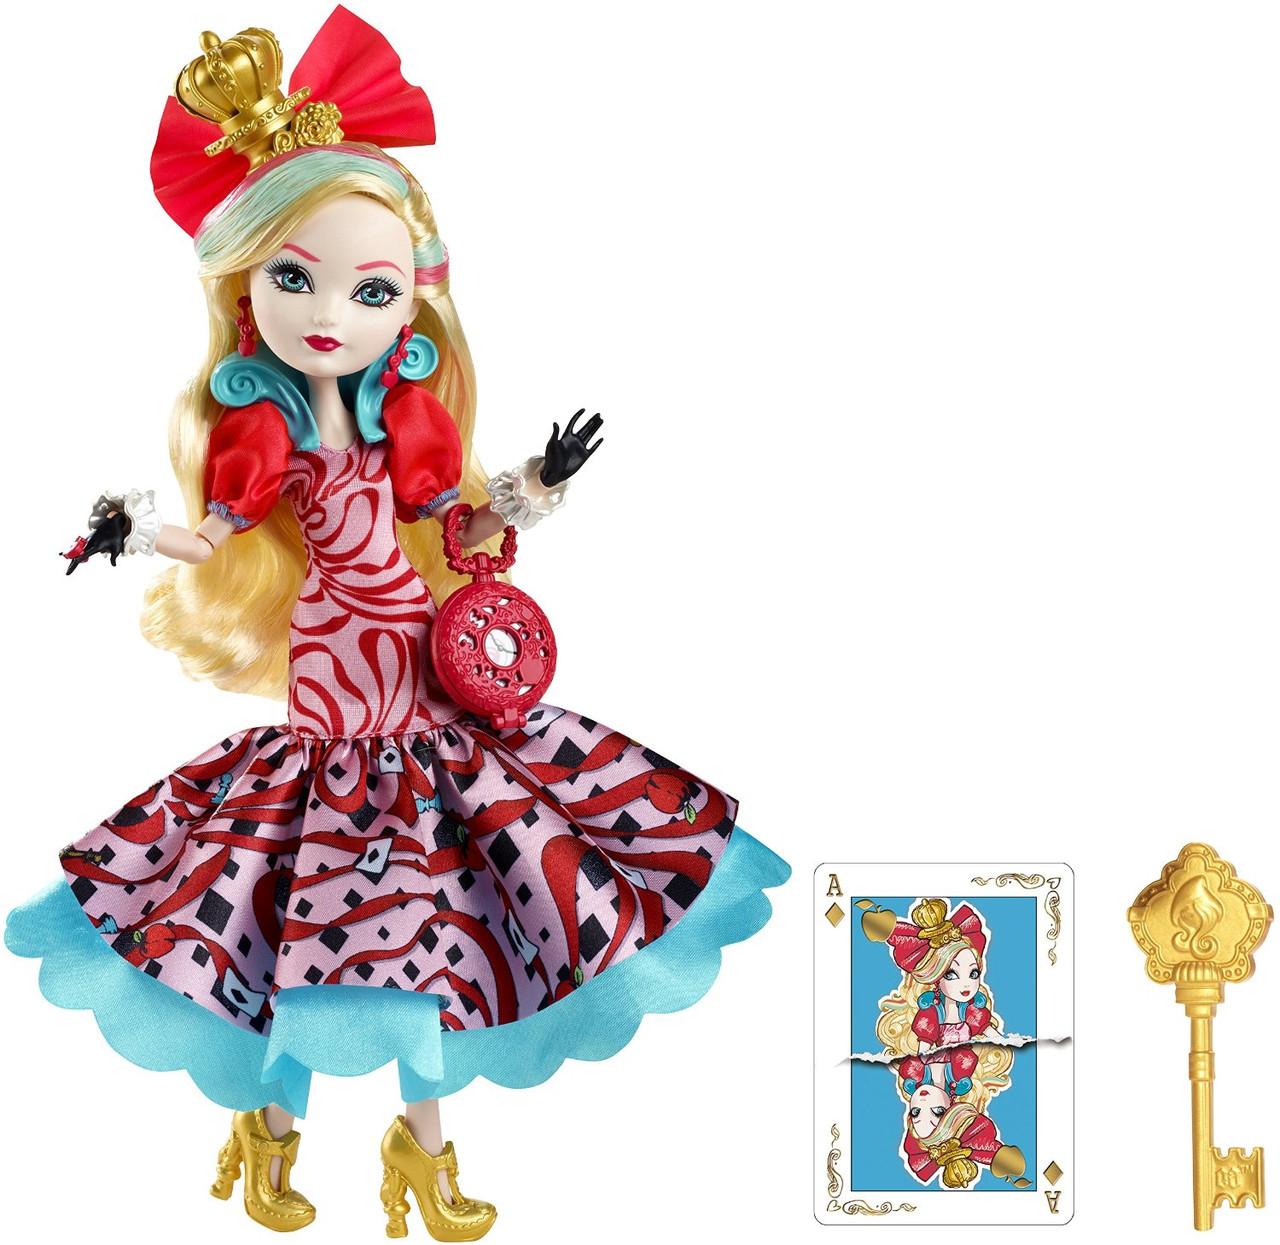 Кукла Эвер Афтер Хай Эппл Уайт Дорога в Страну Чудес( Way Too Wonderland Apple White Doll)